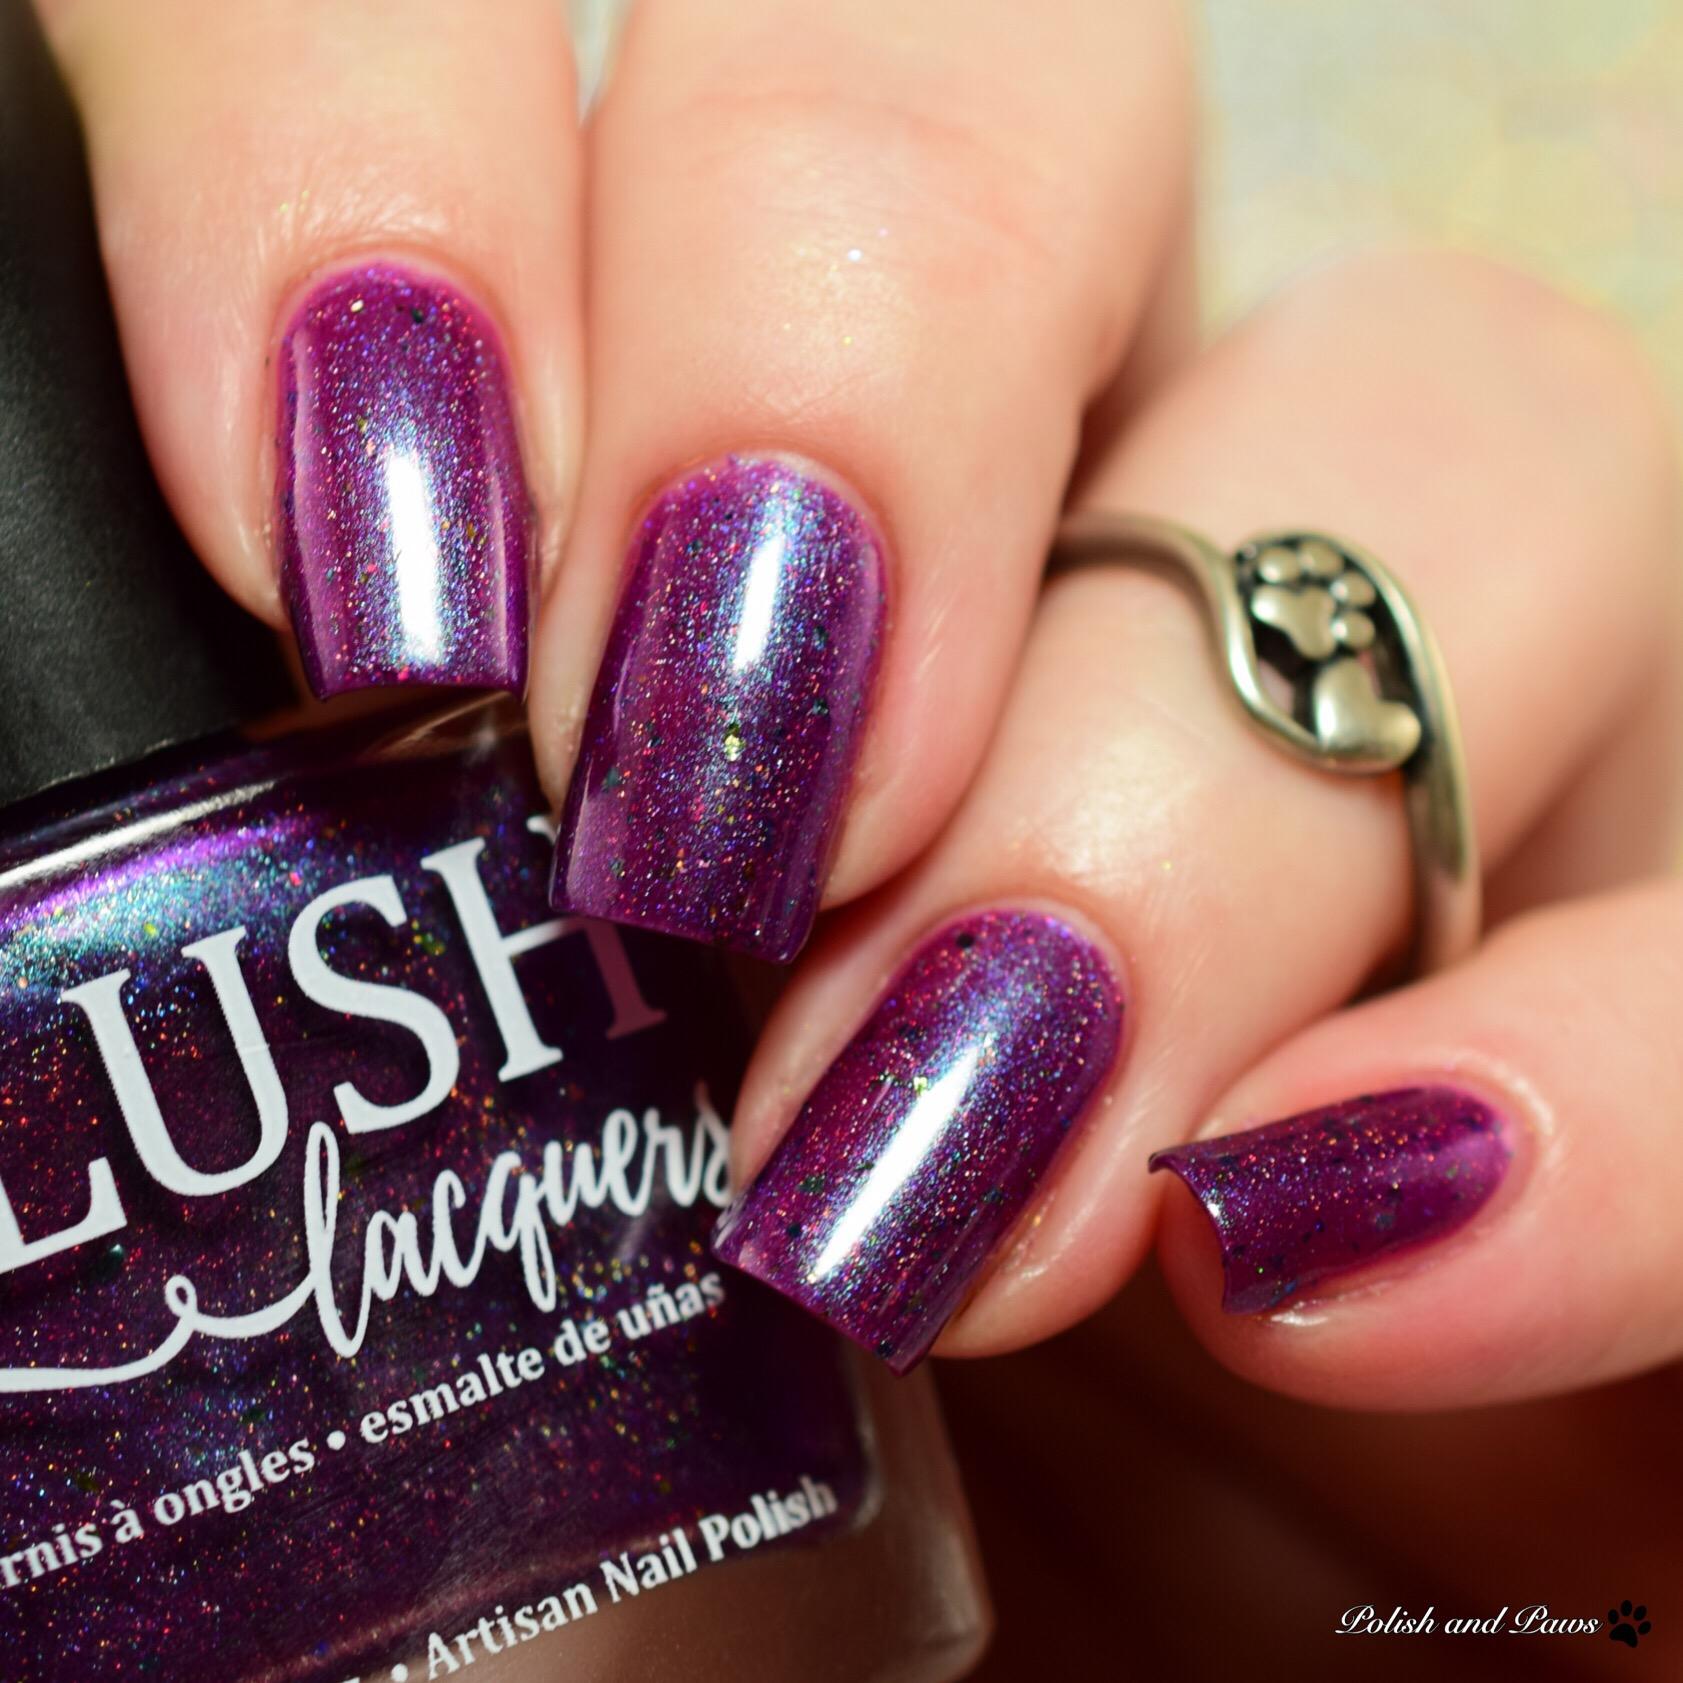 Blush Lacquers Floral Engagement